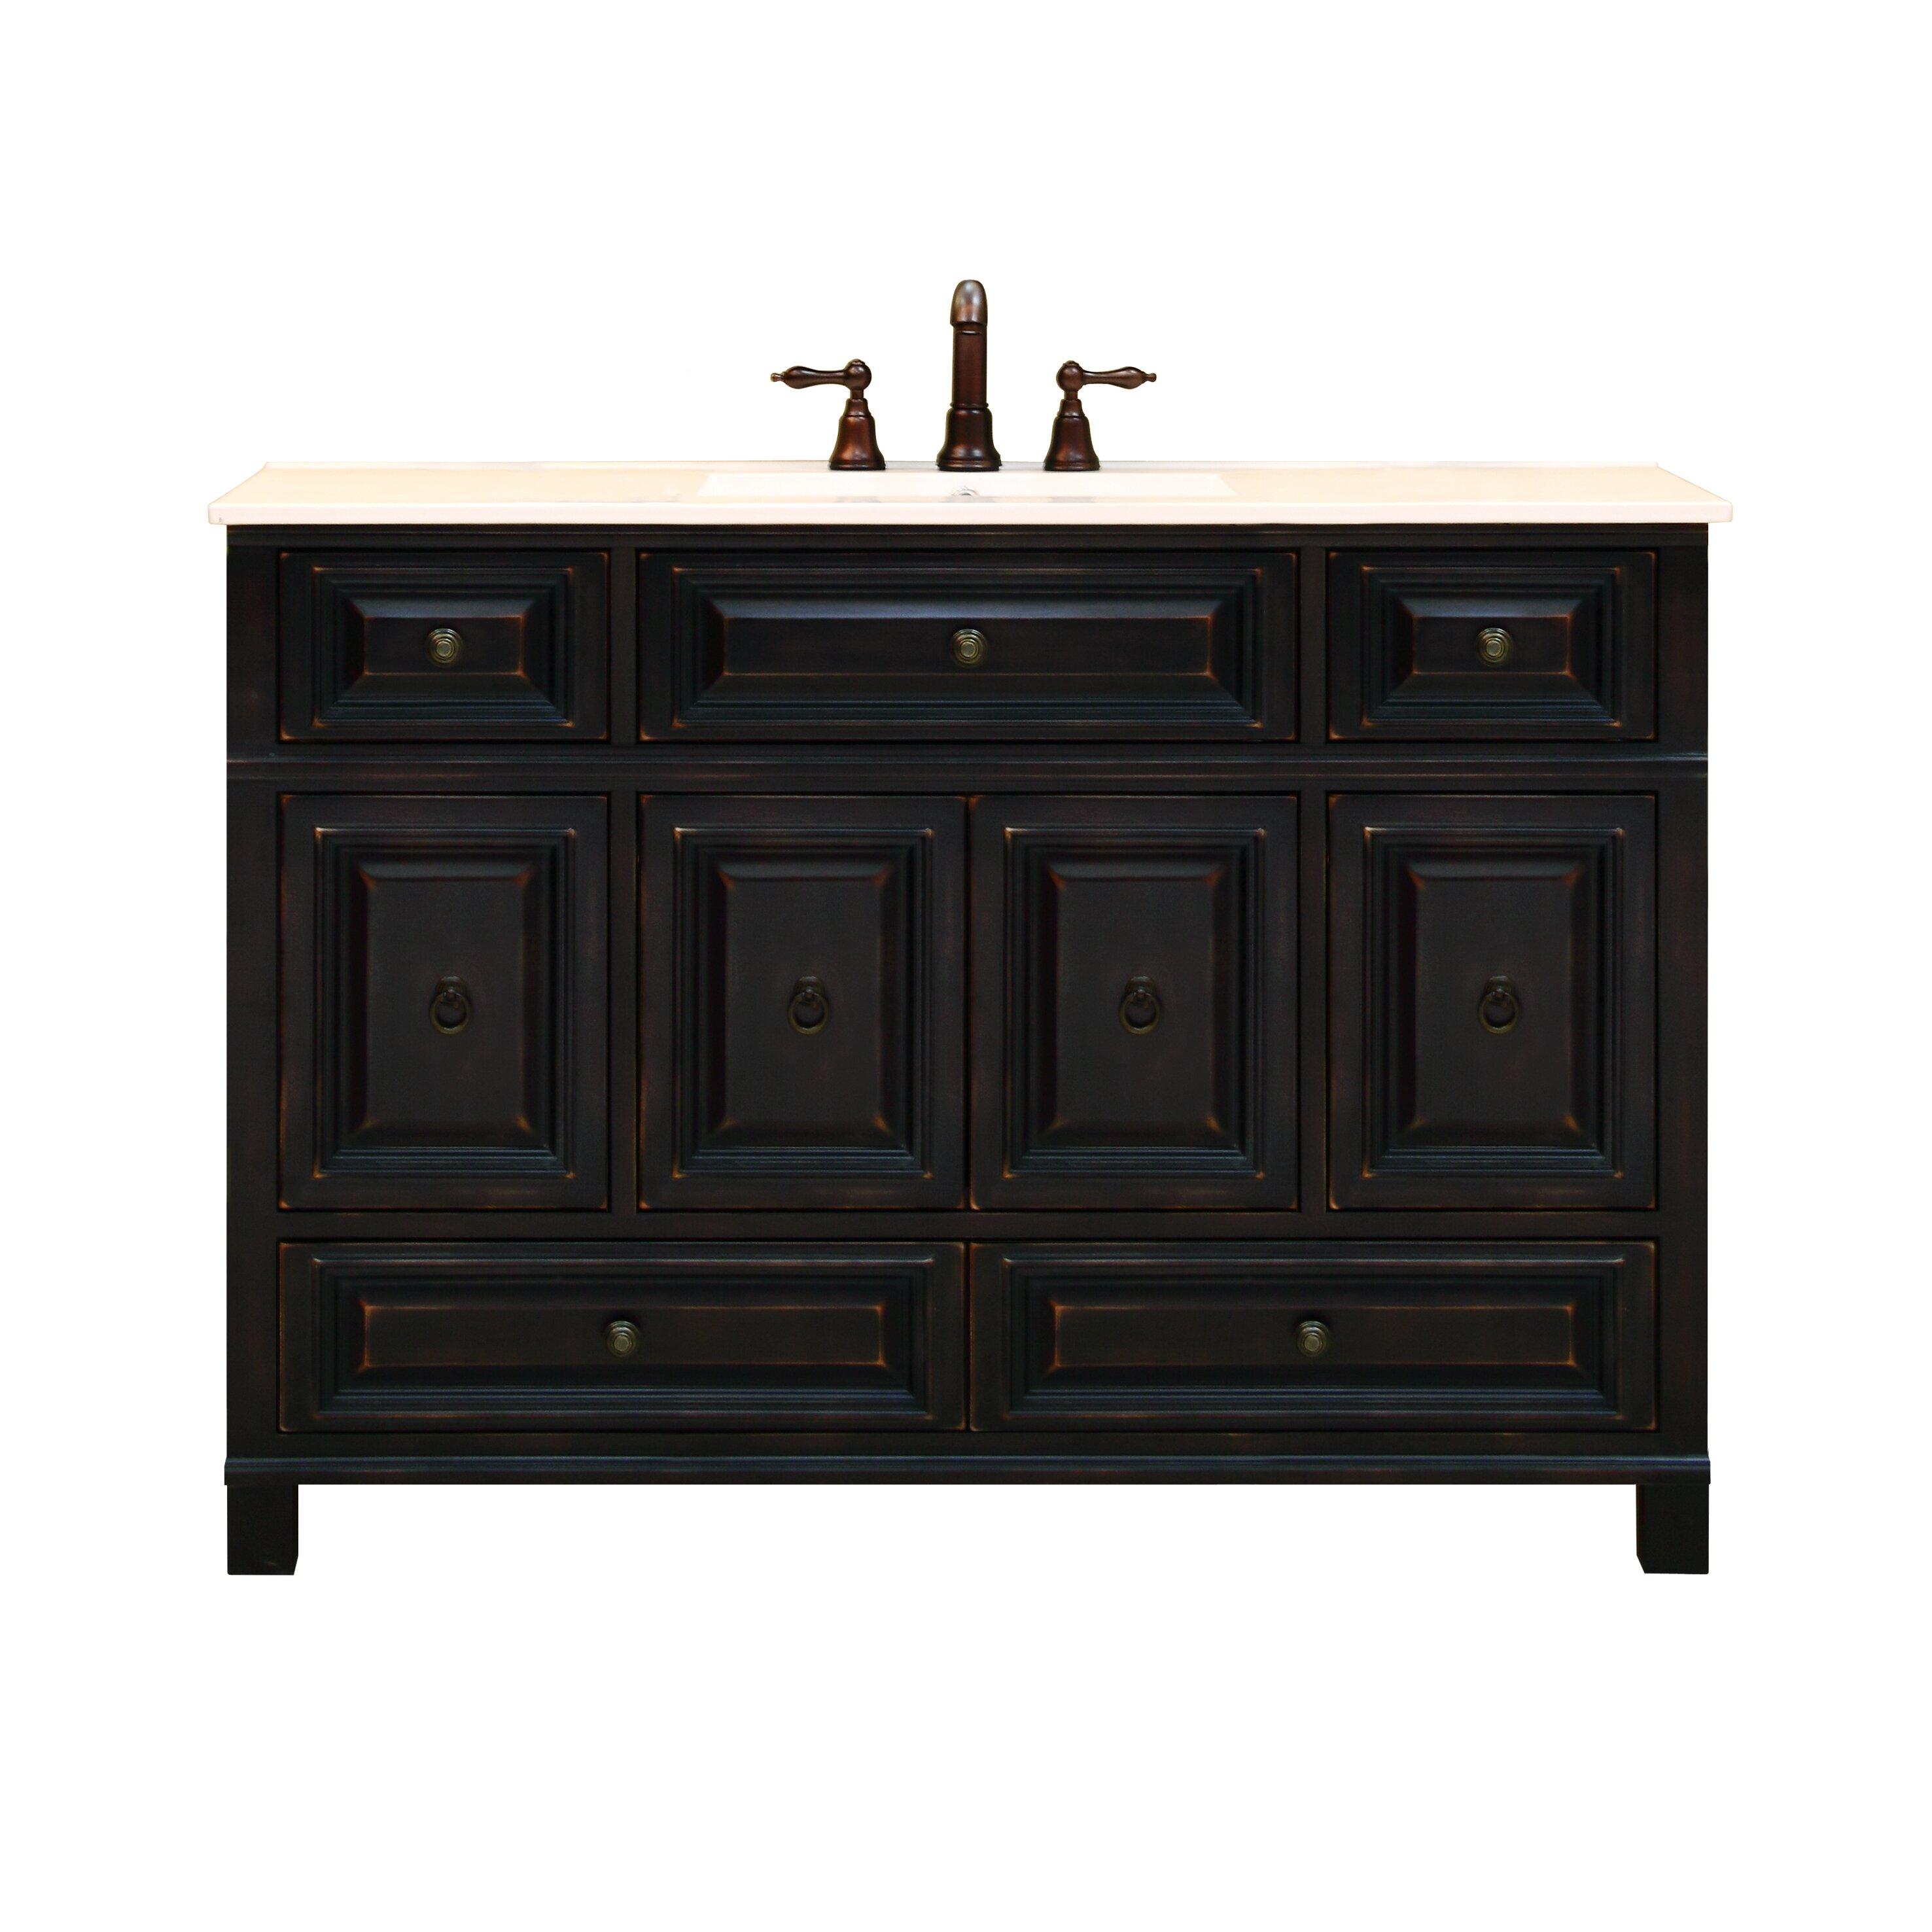 Sunnywood Kitchen Cabinets Sunny Wood Barton Hill 48 Bathroom Vanity Base Wayfair